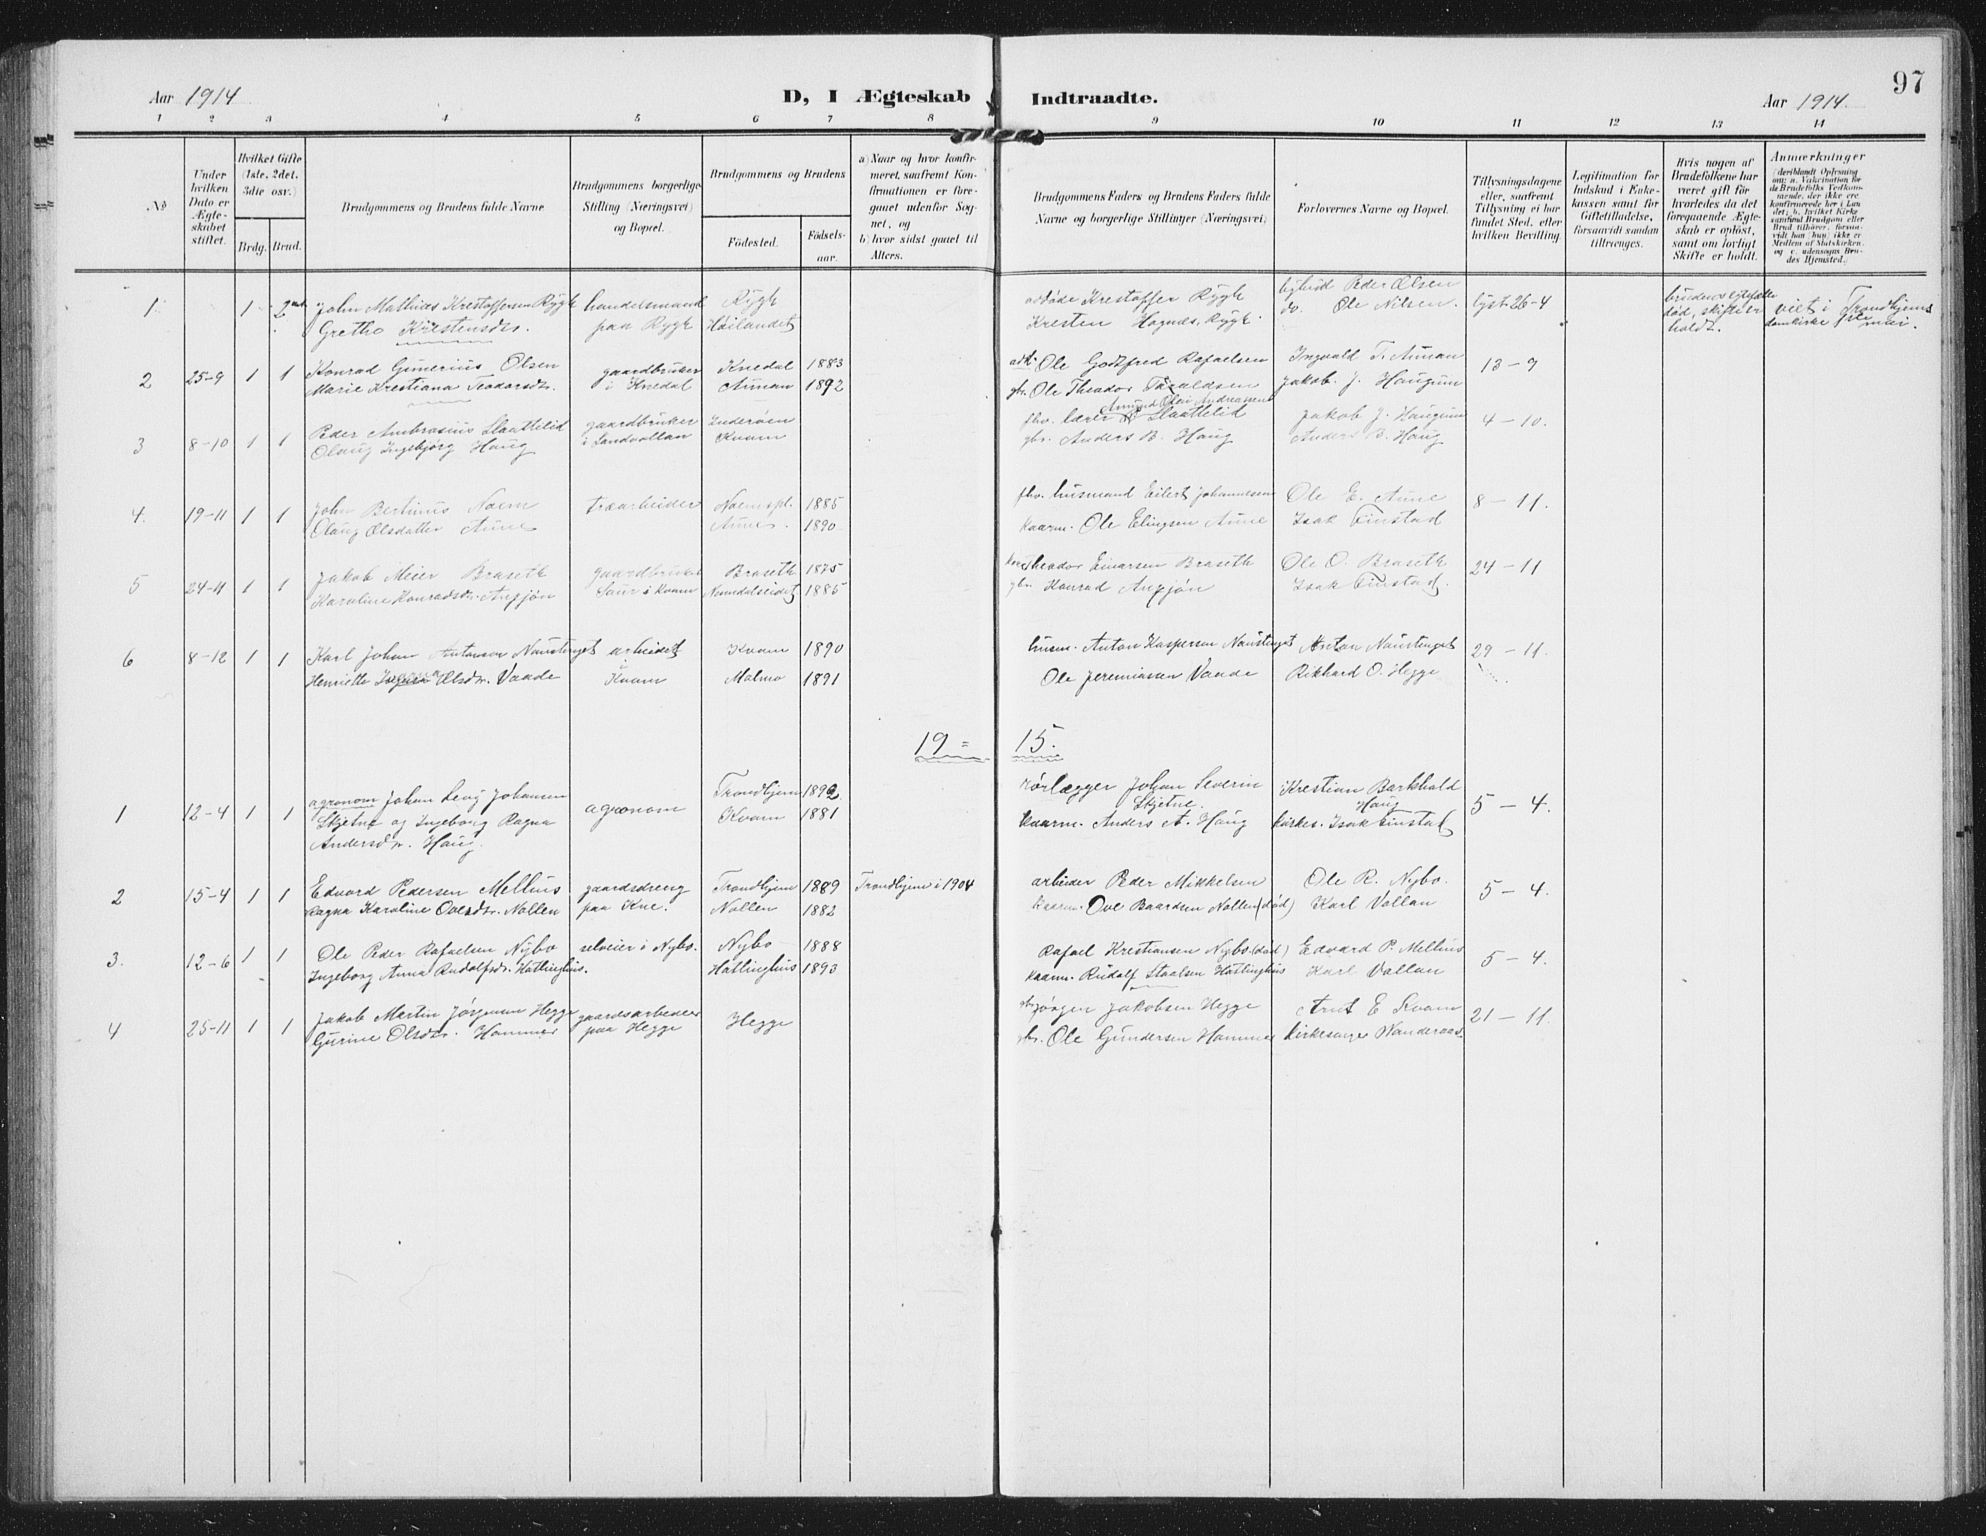 SAT, Ministerialprotokoller, klokkerbøker og fødselsregistre - Nord-Trøndelag, 747/L0460: Klokkerbok nr. 747C02, 1908-1939, s. 97